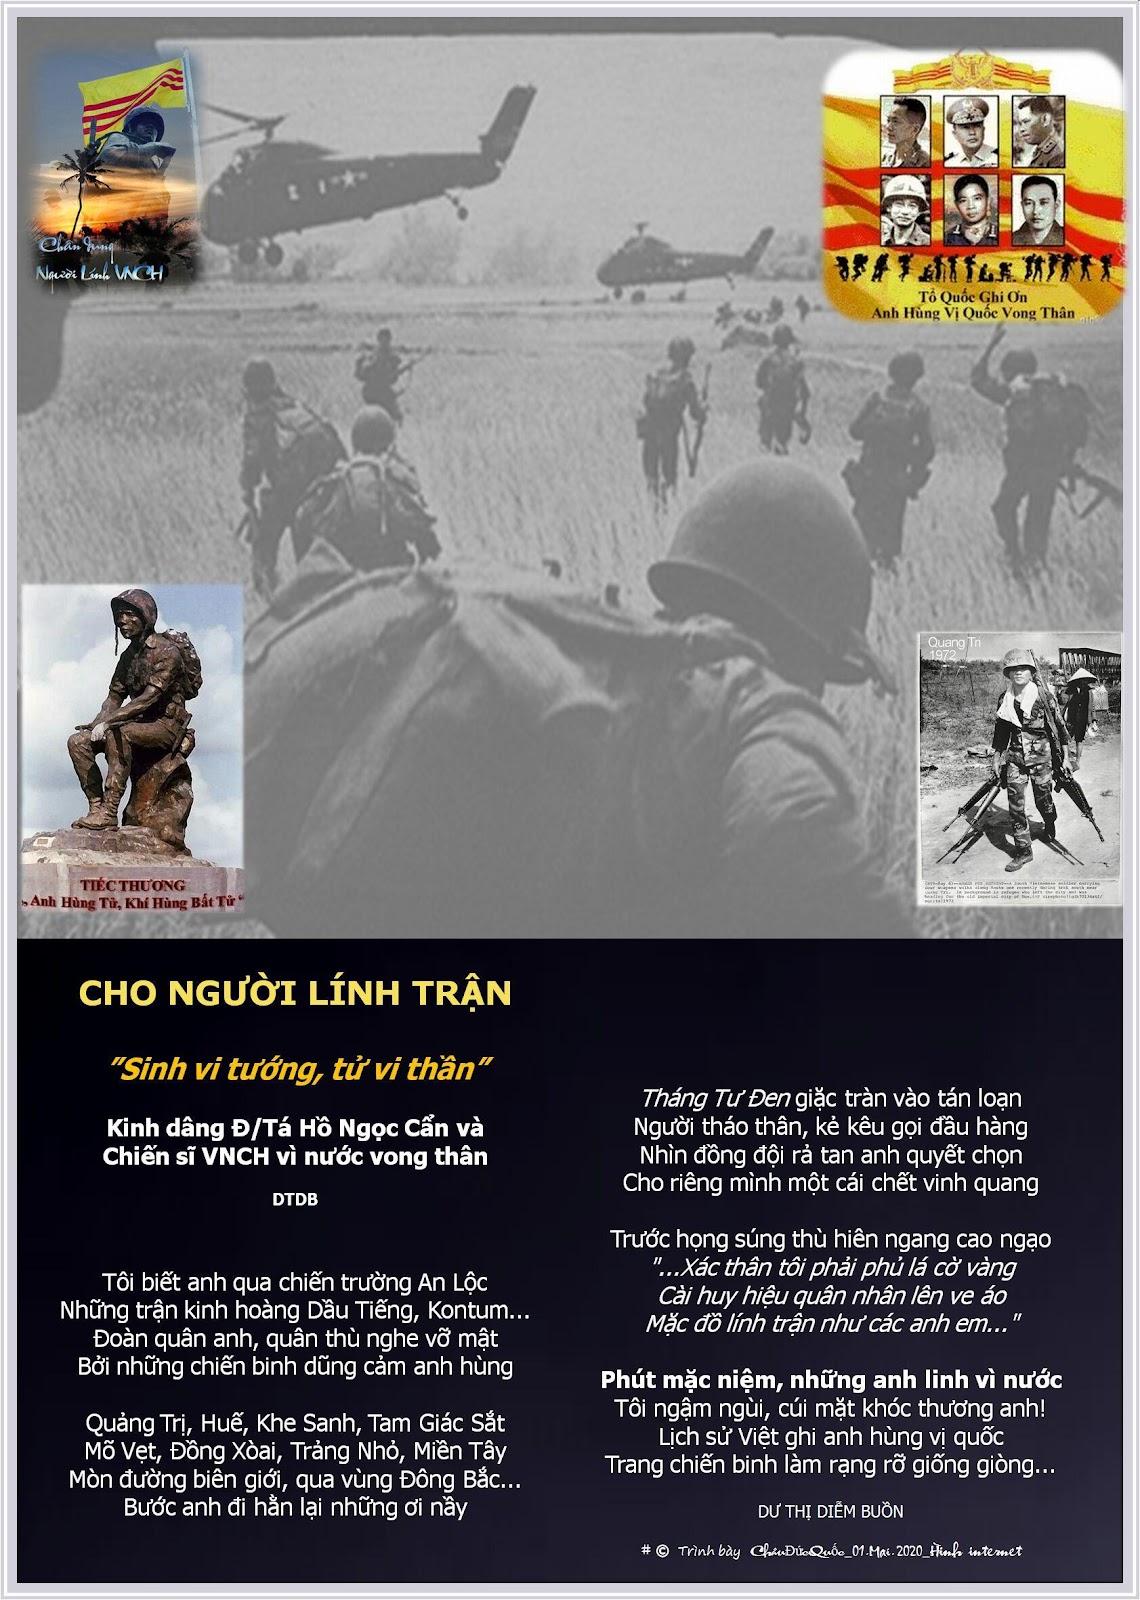 E:\Layout Tho+ Tranh\Tháng 4 + NLVNCH_Tranh Tho\DTDB_ChoNguoiLínhTran-F.jpg